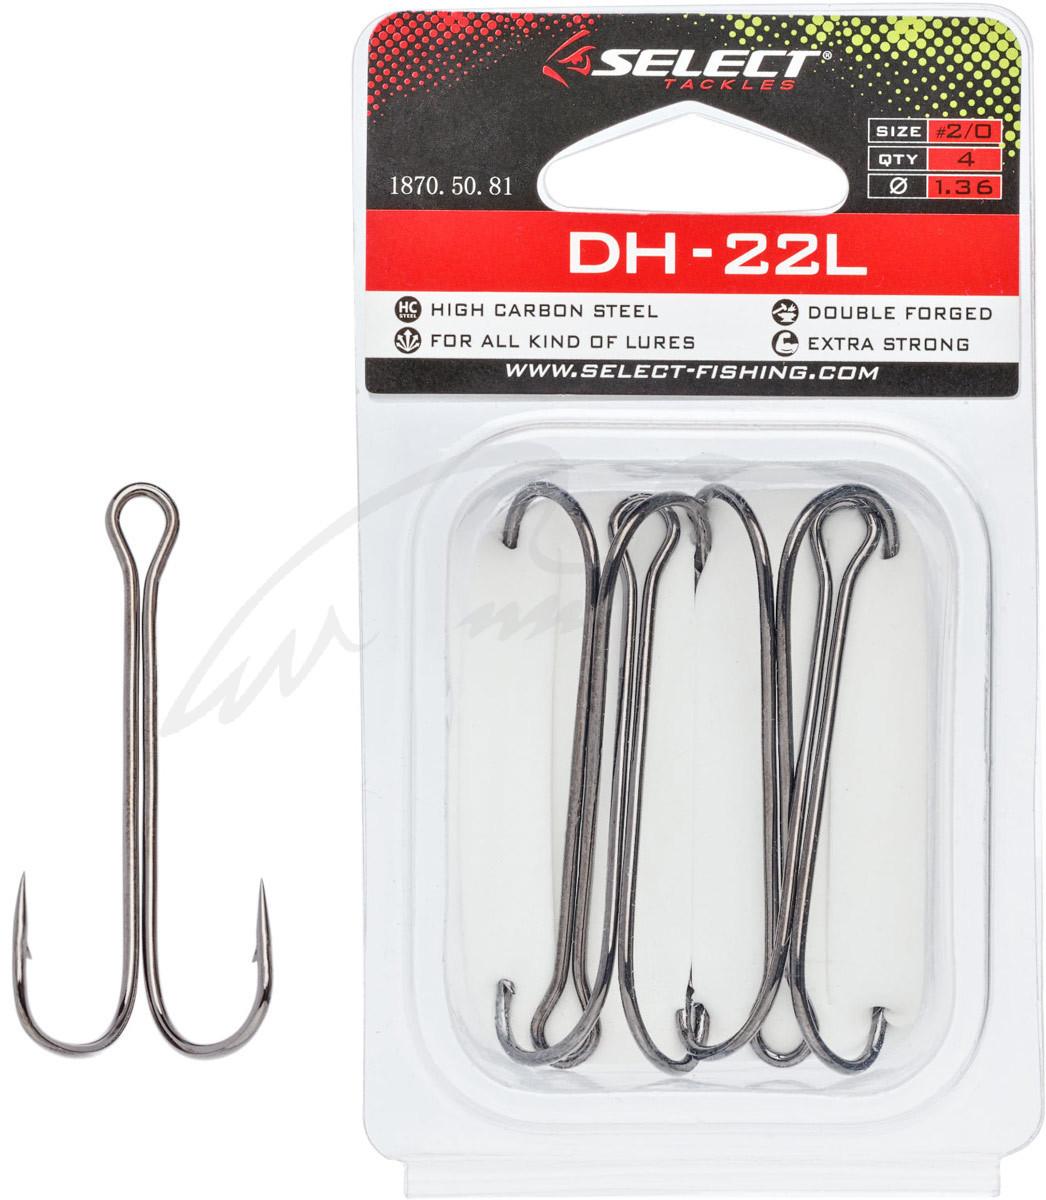 Двойник Select DH-22L #2 (4 шт/уп)